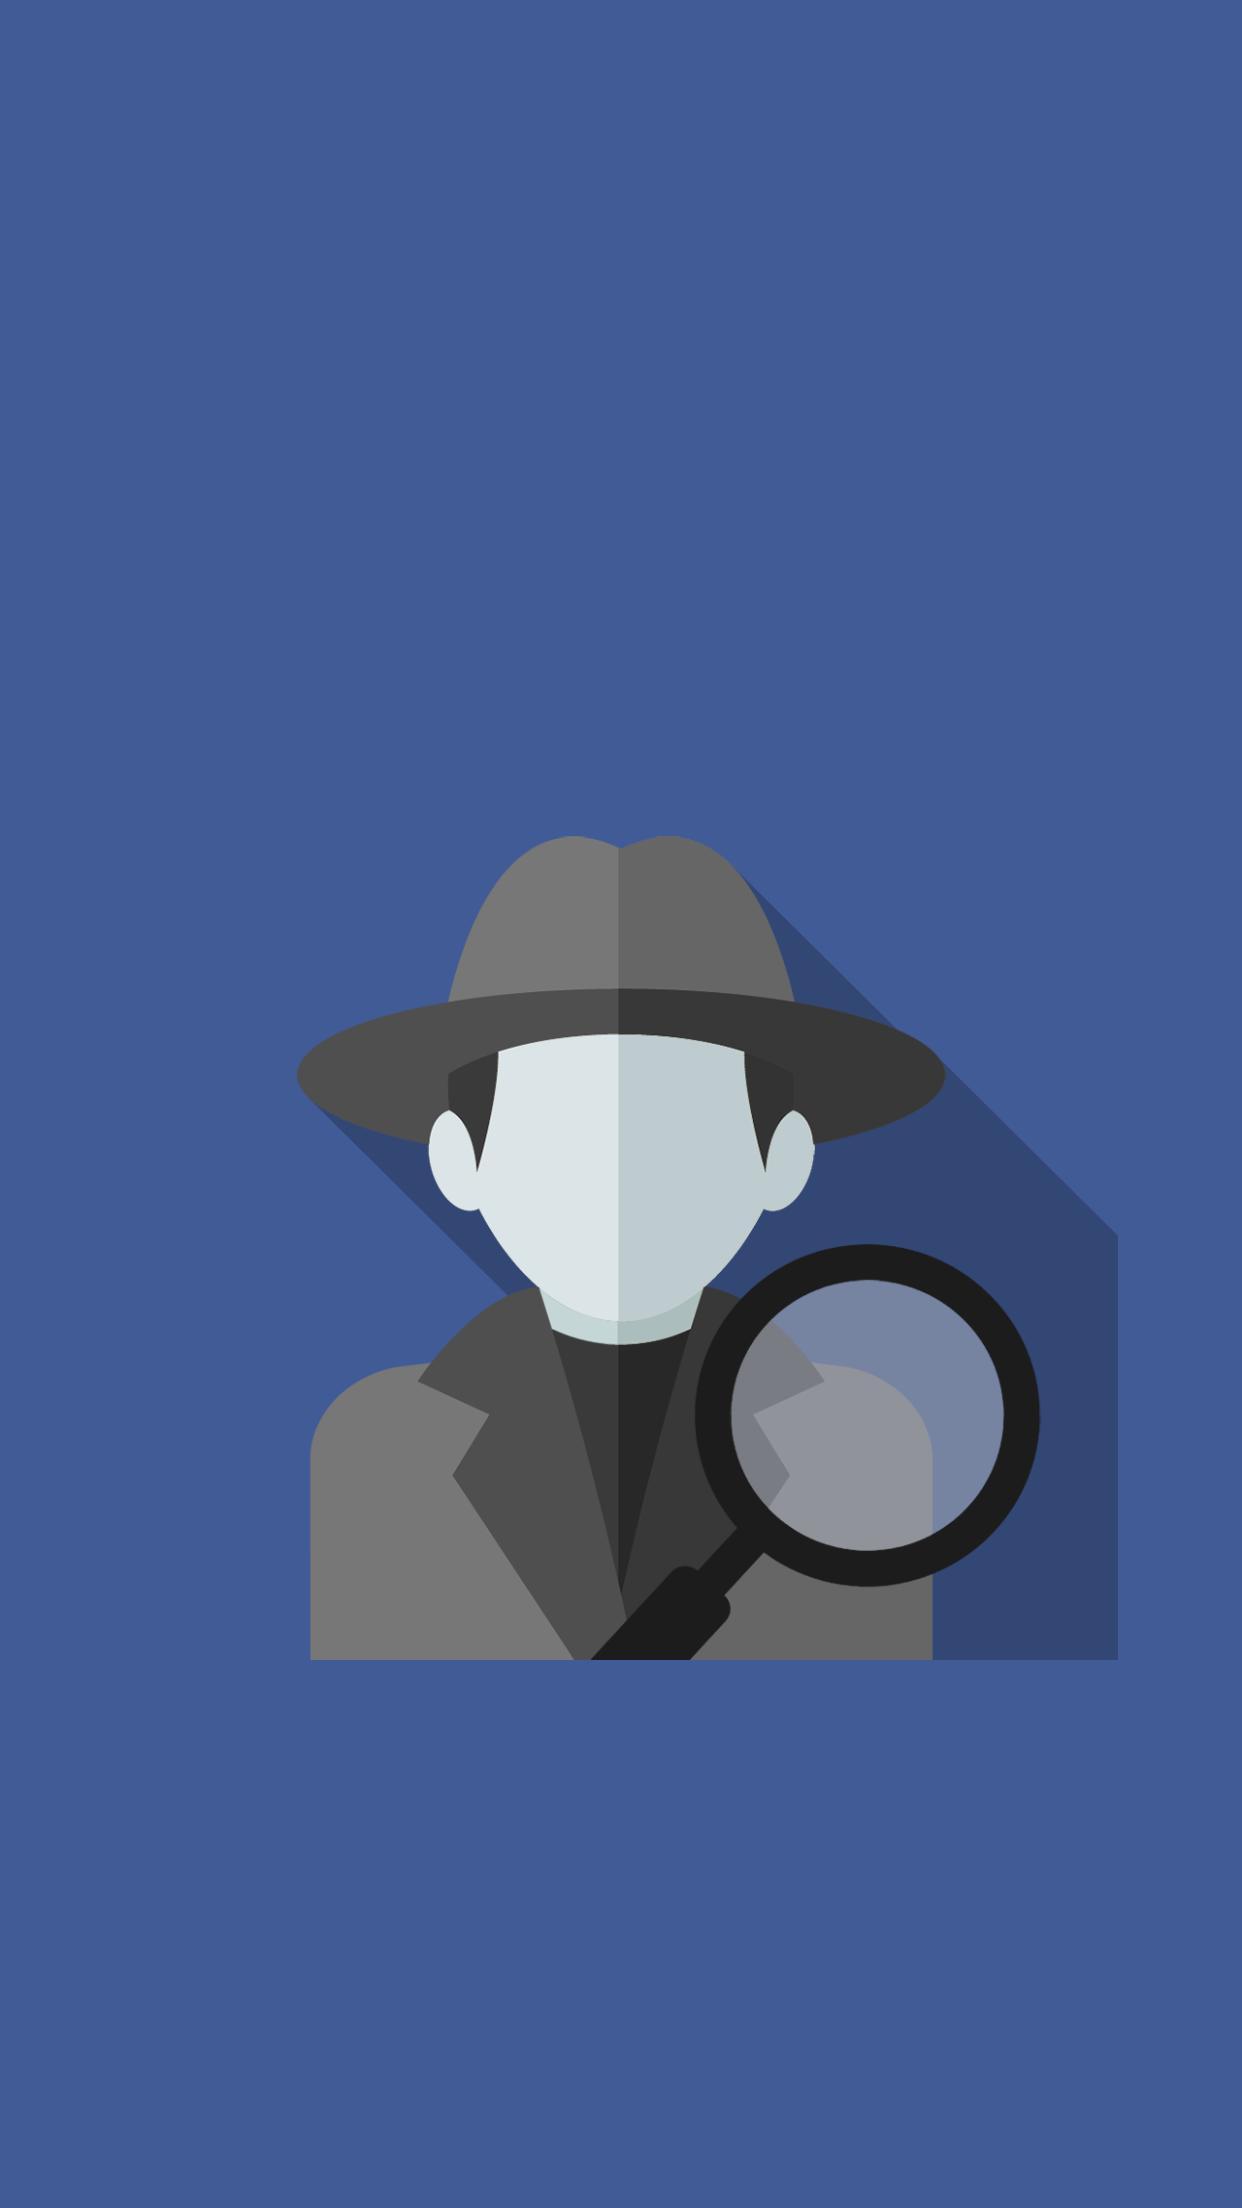 Qui A Vu Mon Profil Facebook Pour Android Telechargez L Apk